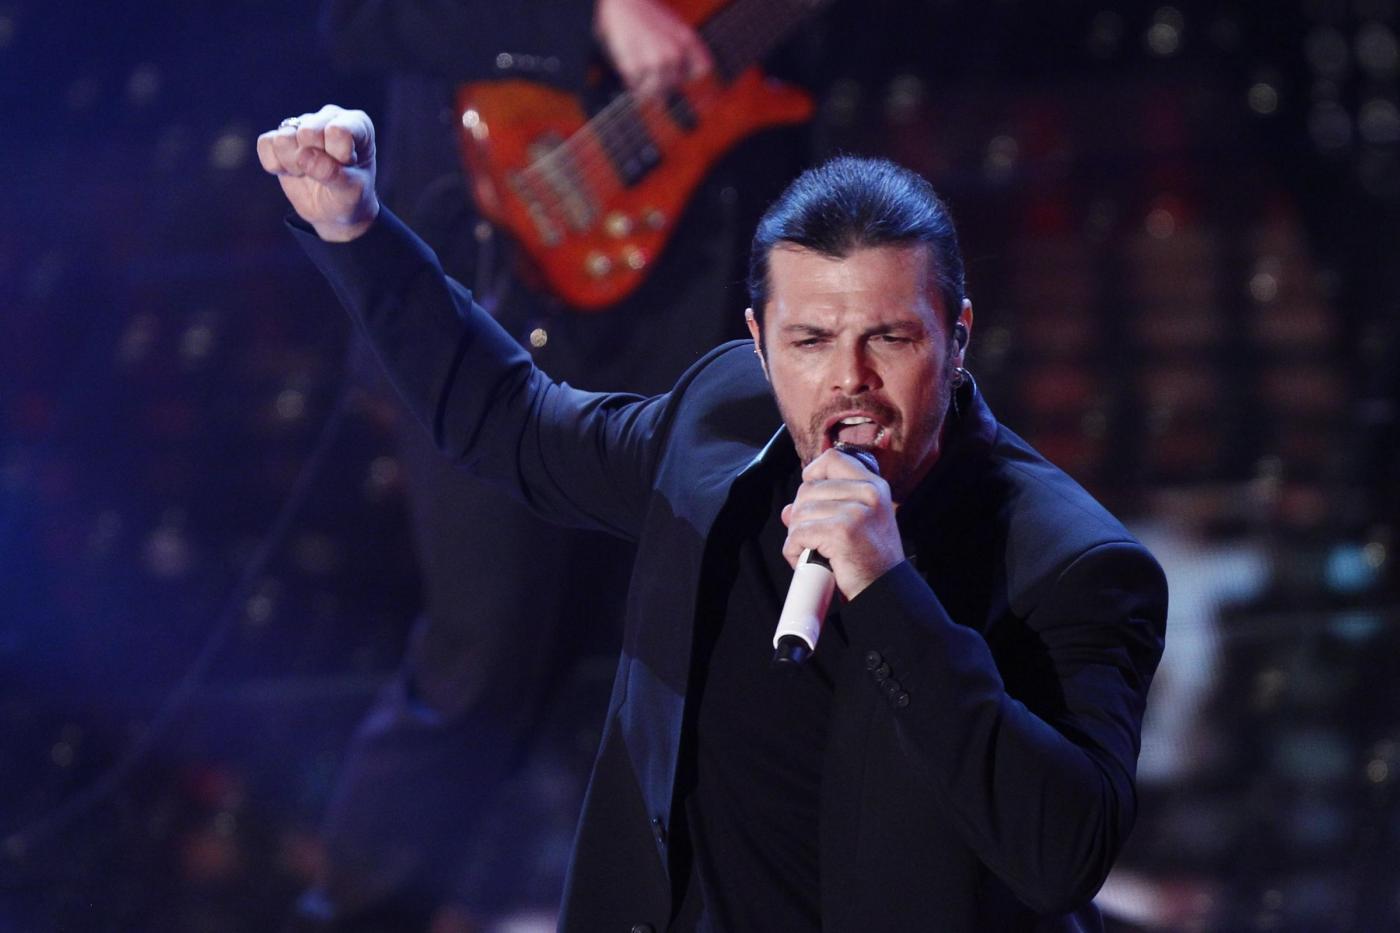 Gianluca Grignani: 'Lo svenimento sul palco fu per un'aggressione subita da malavitosi'